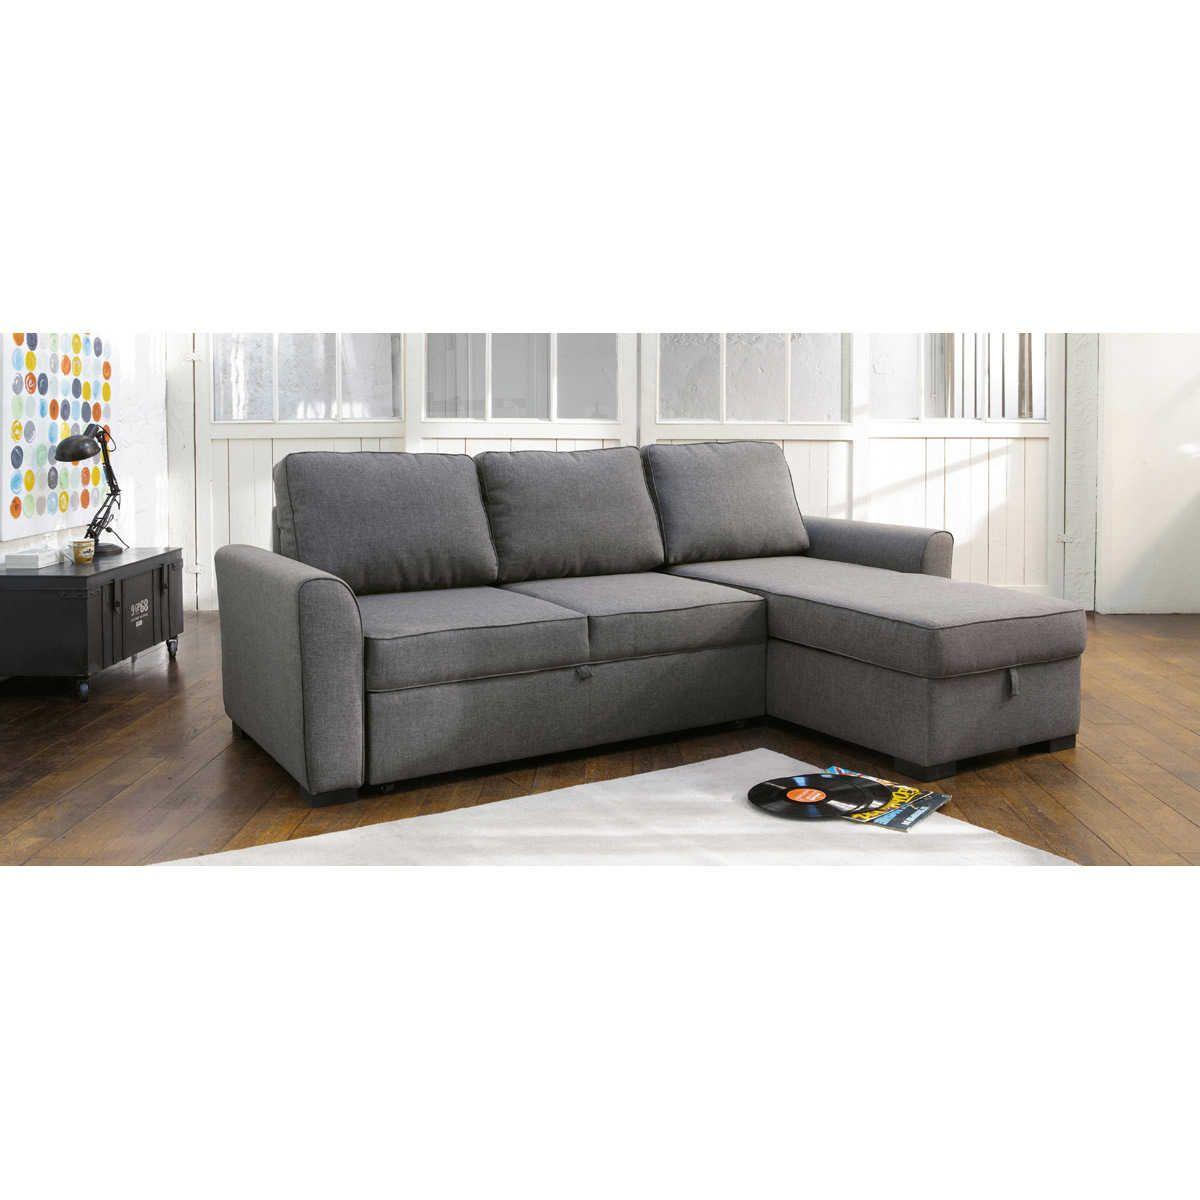 Divano angolari trasformabile grigio in tessuto 3 4 posti - Divano letto 160 cm mondo convenienza ...